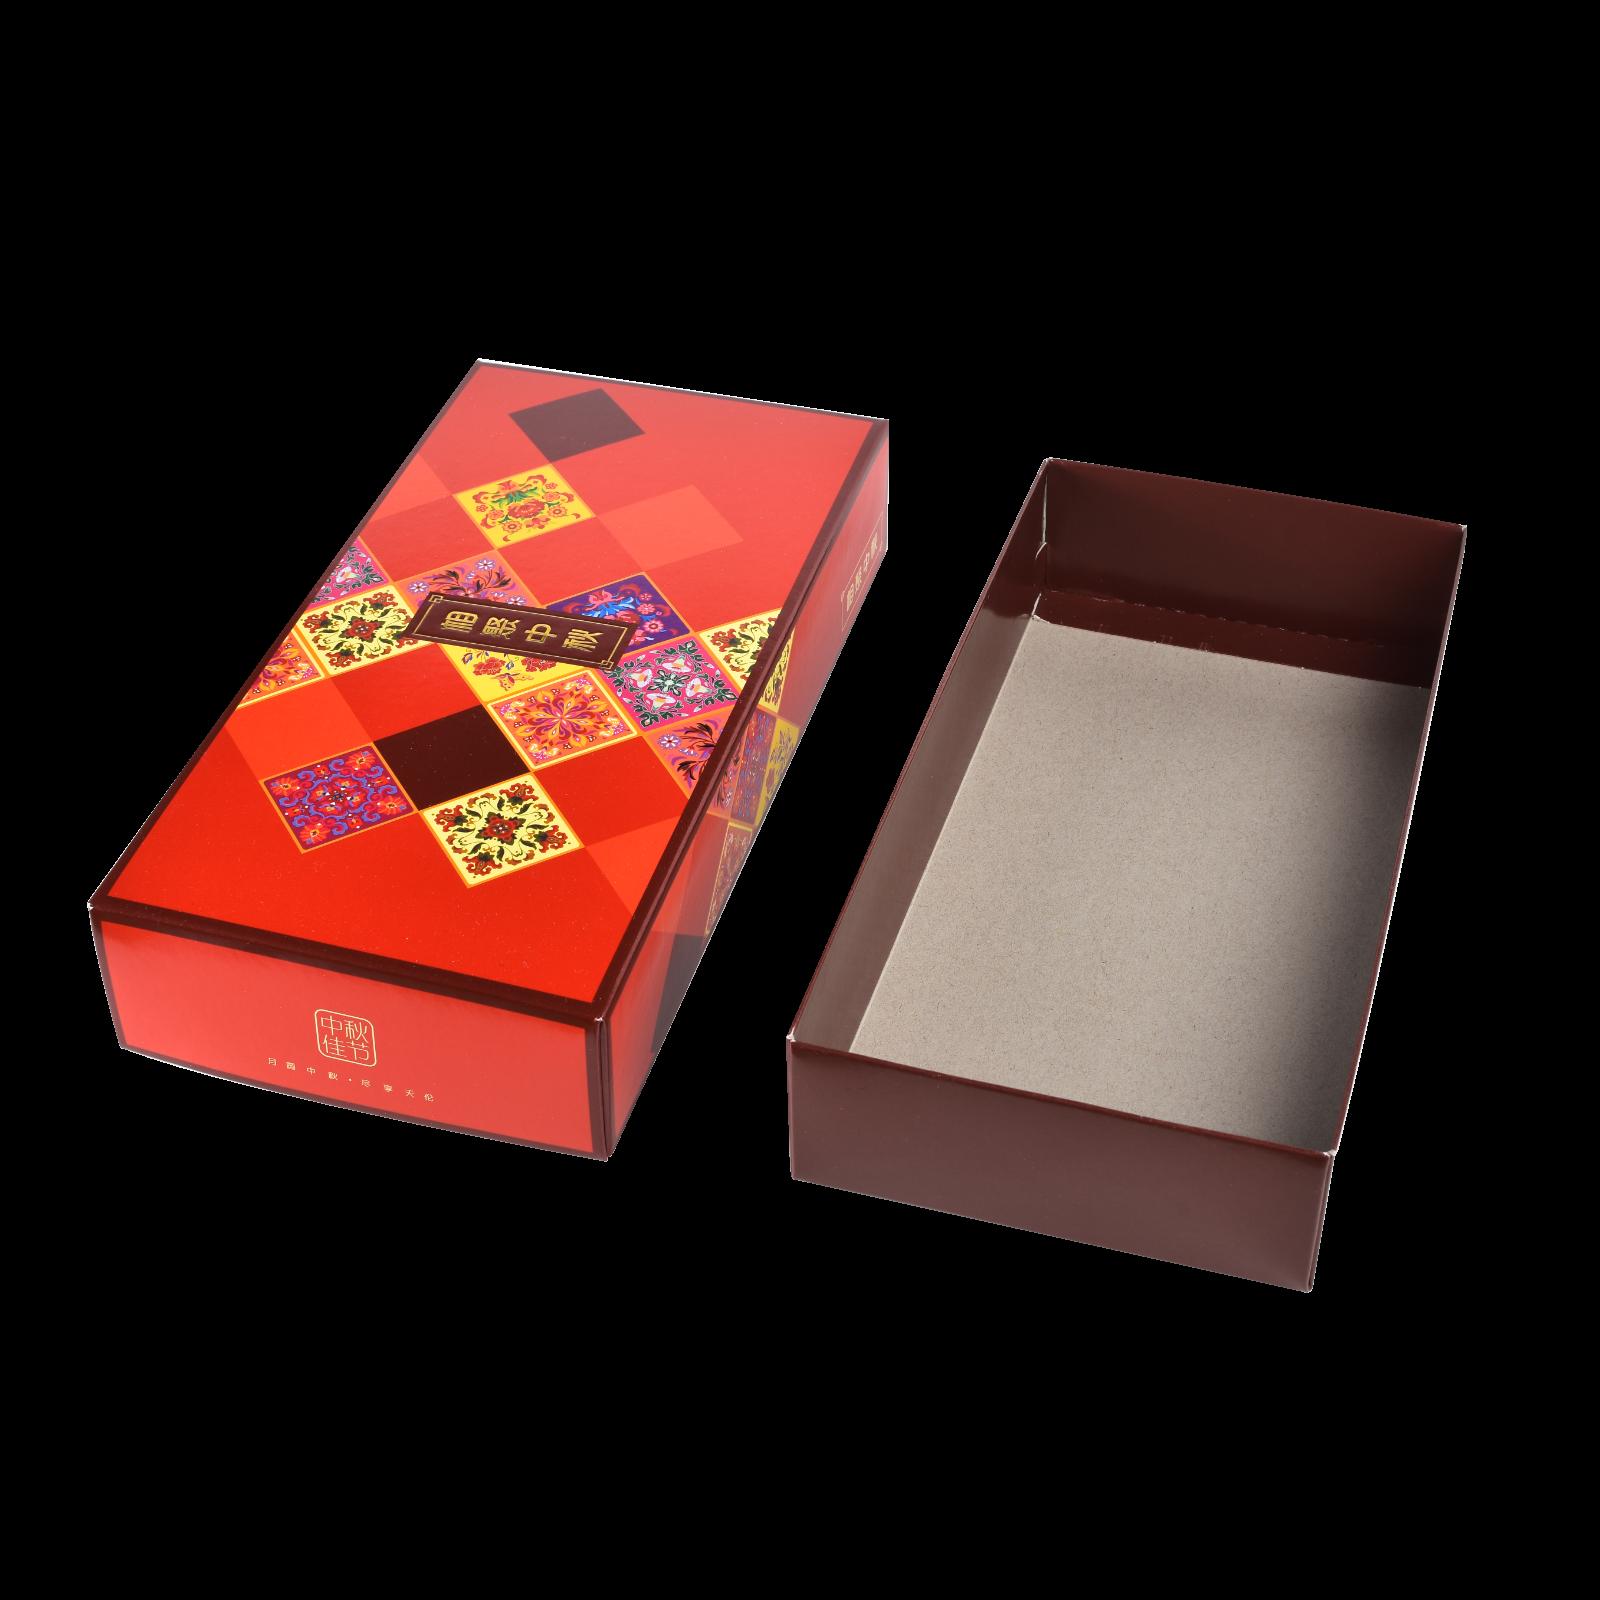 mooncake box 9.png